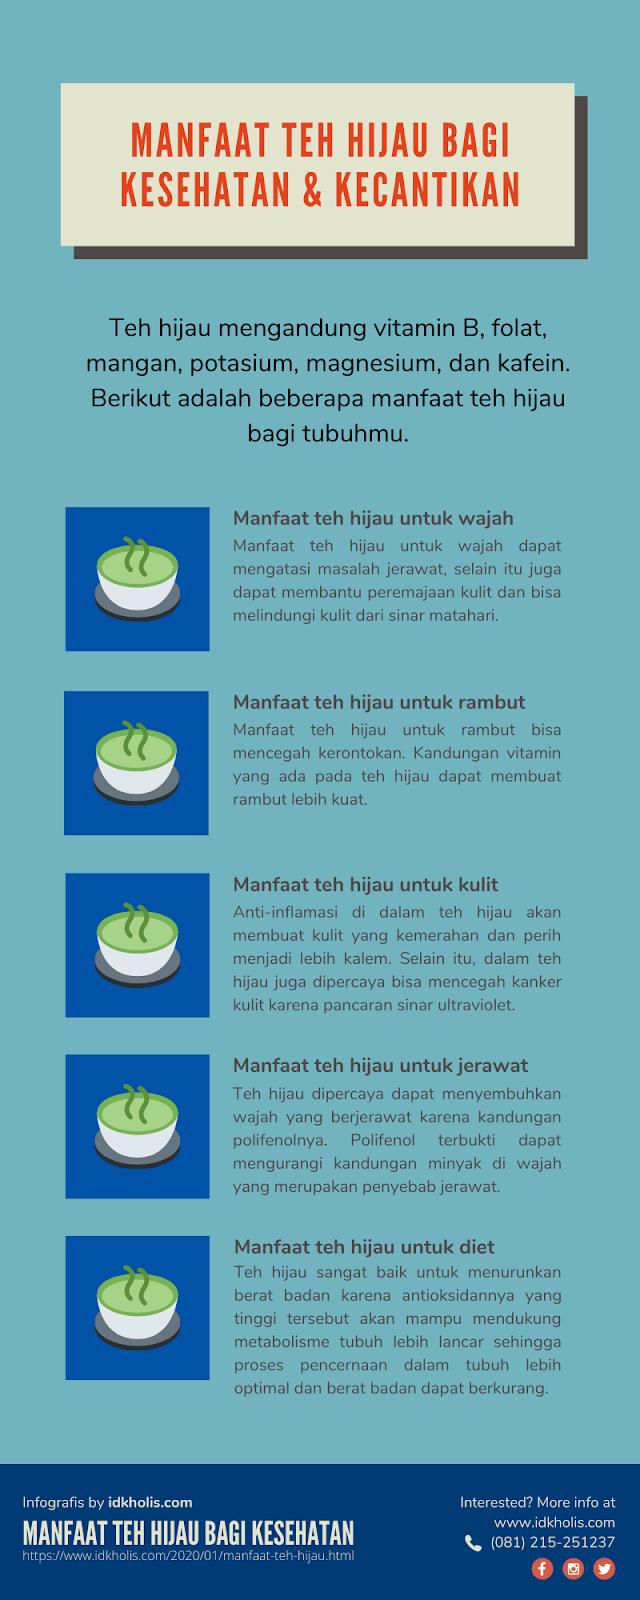 Beberapa manfaat teh hijau untuk kesehatan